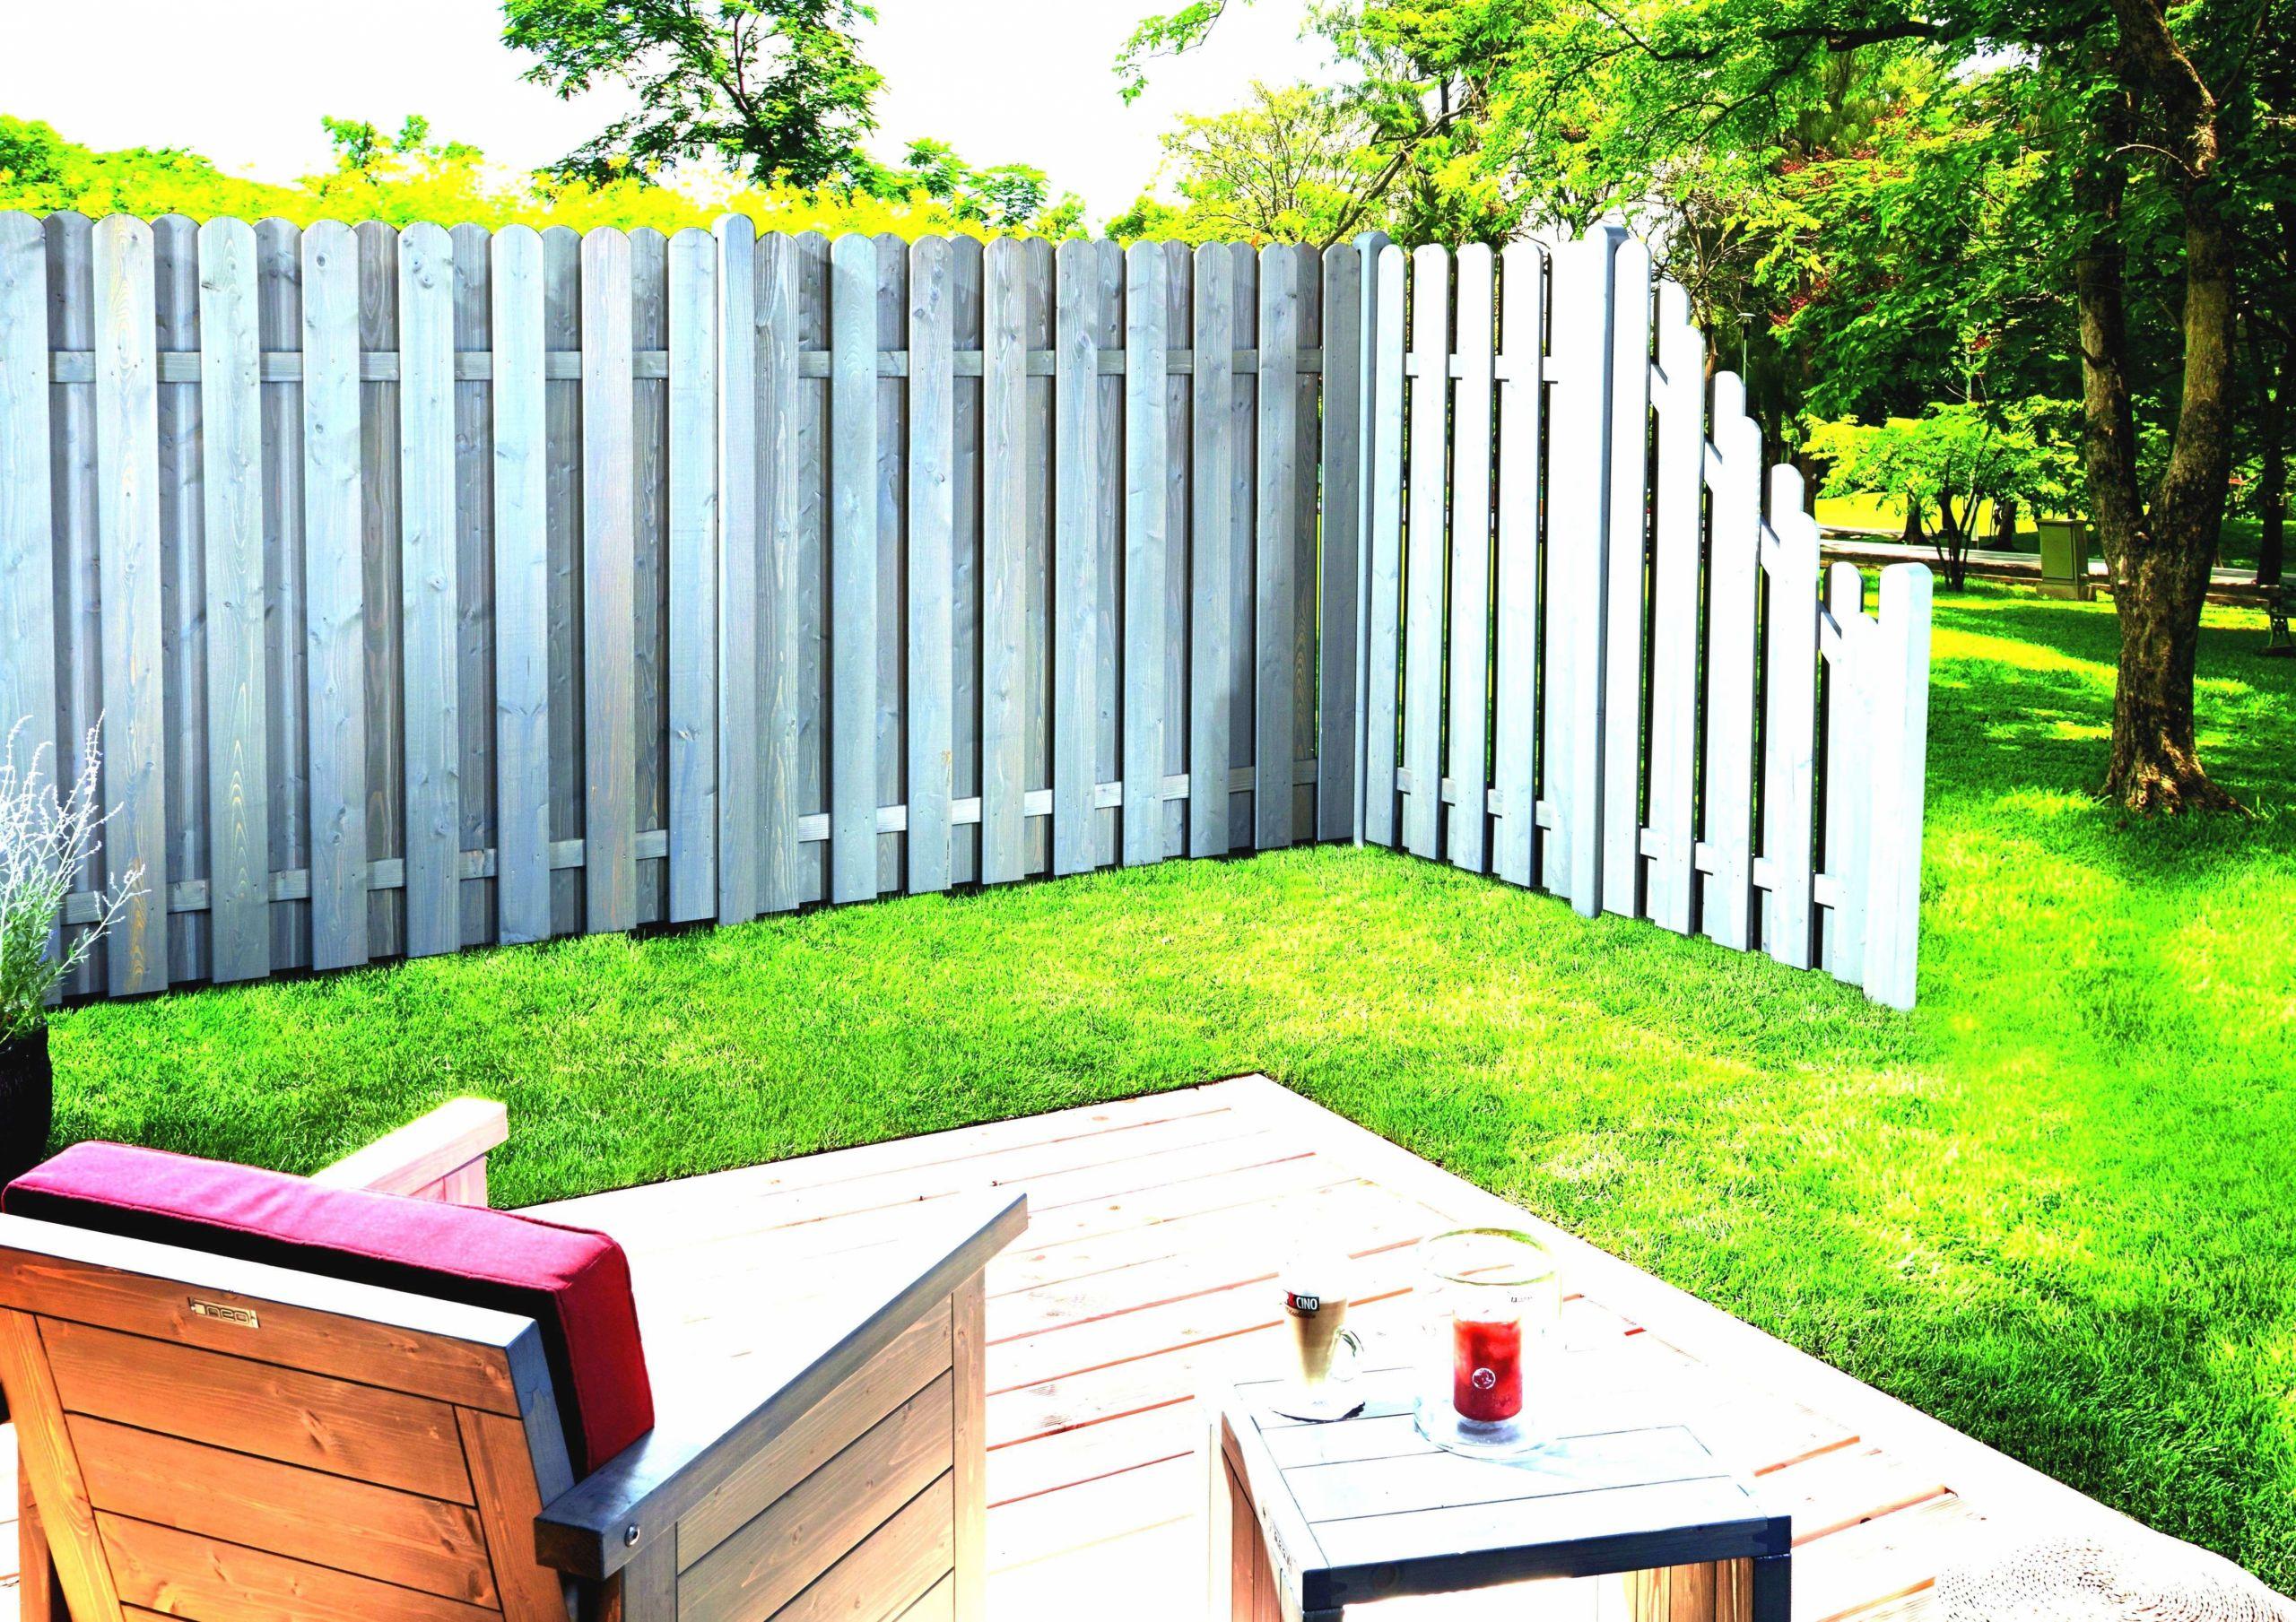 42 frisch wasserspiele im garten grafik terrassengestaltung mit wasserspiel terrassengestaltung mit wasserspiel